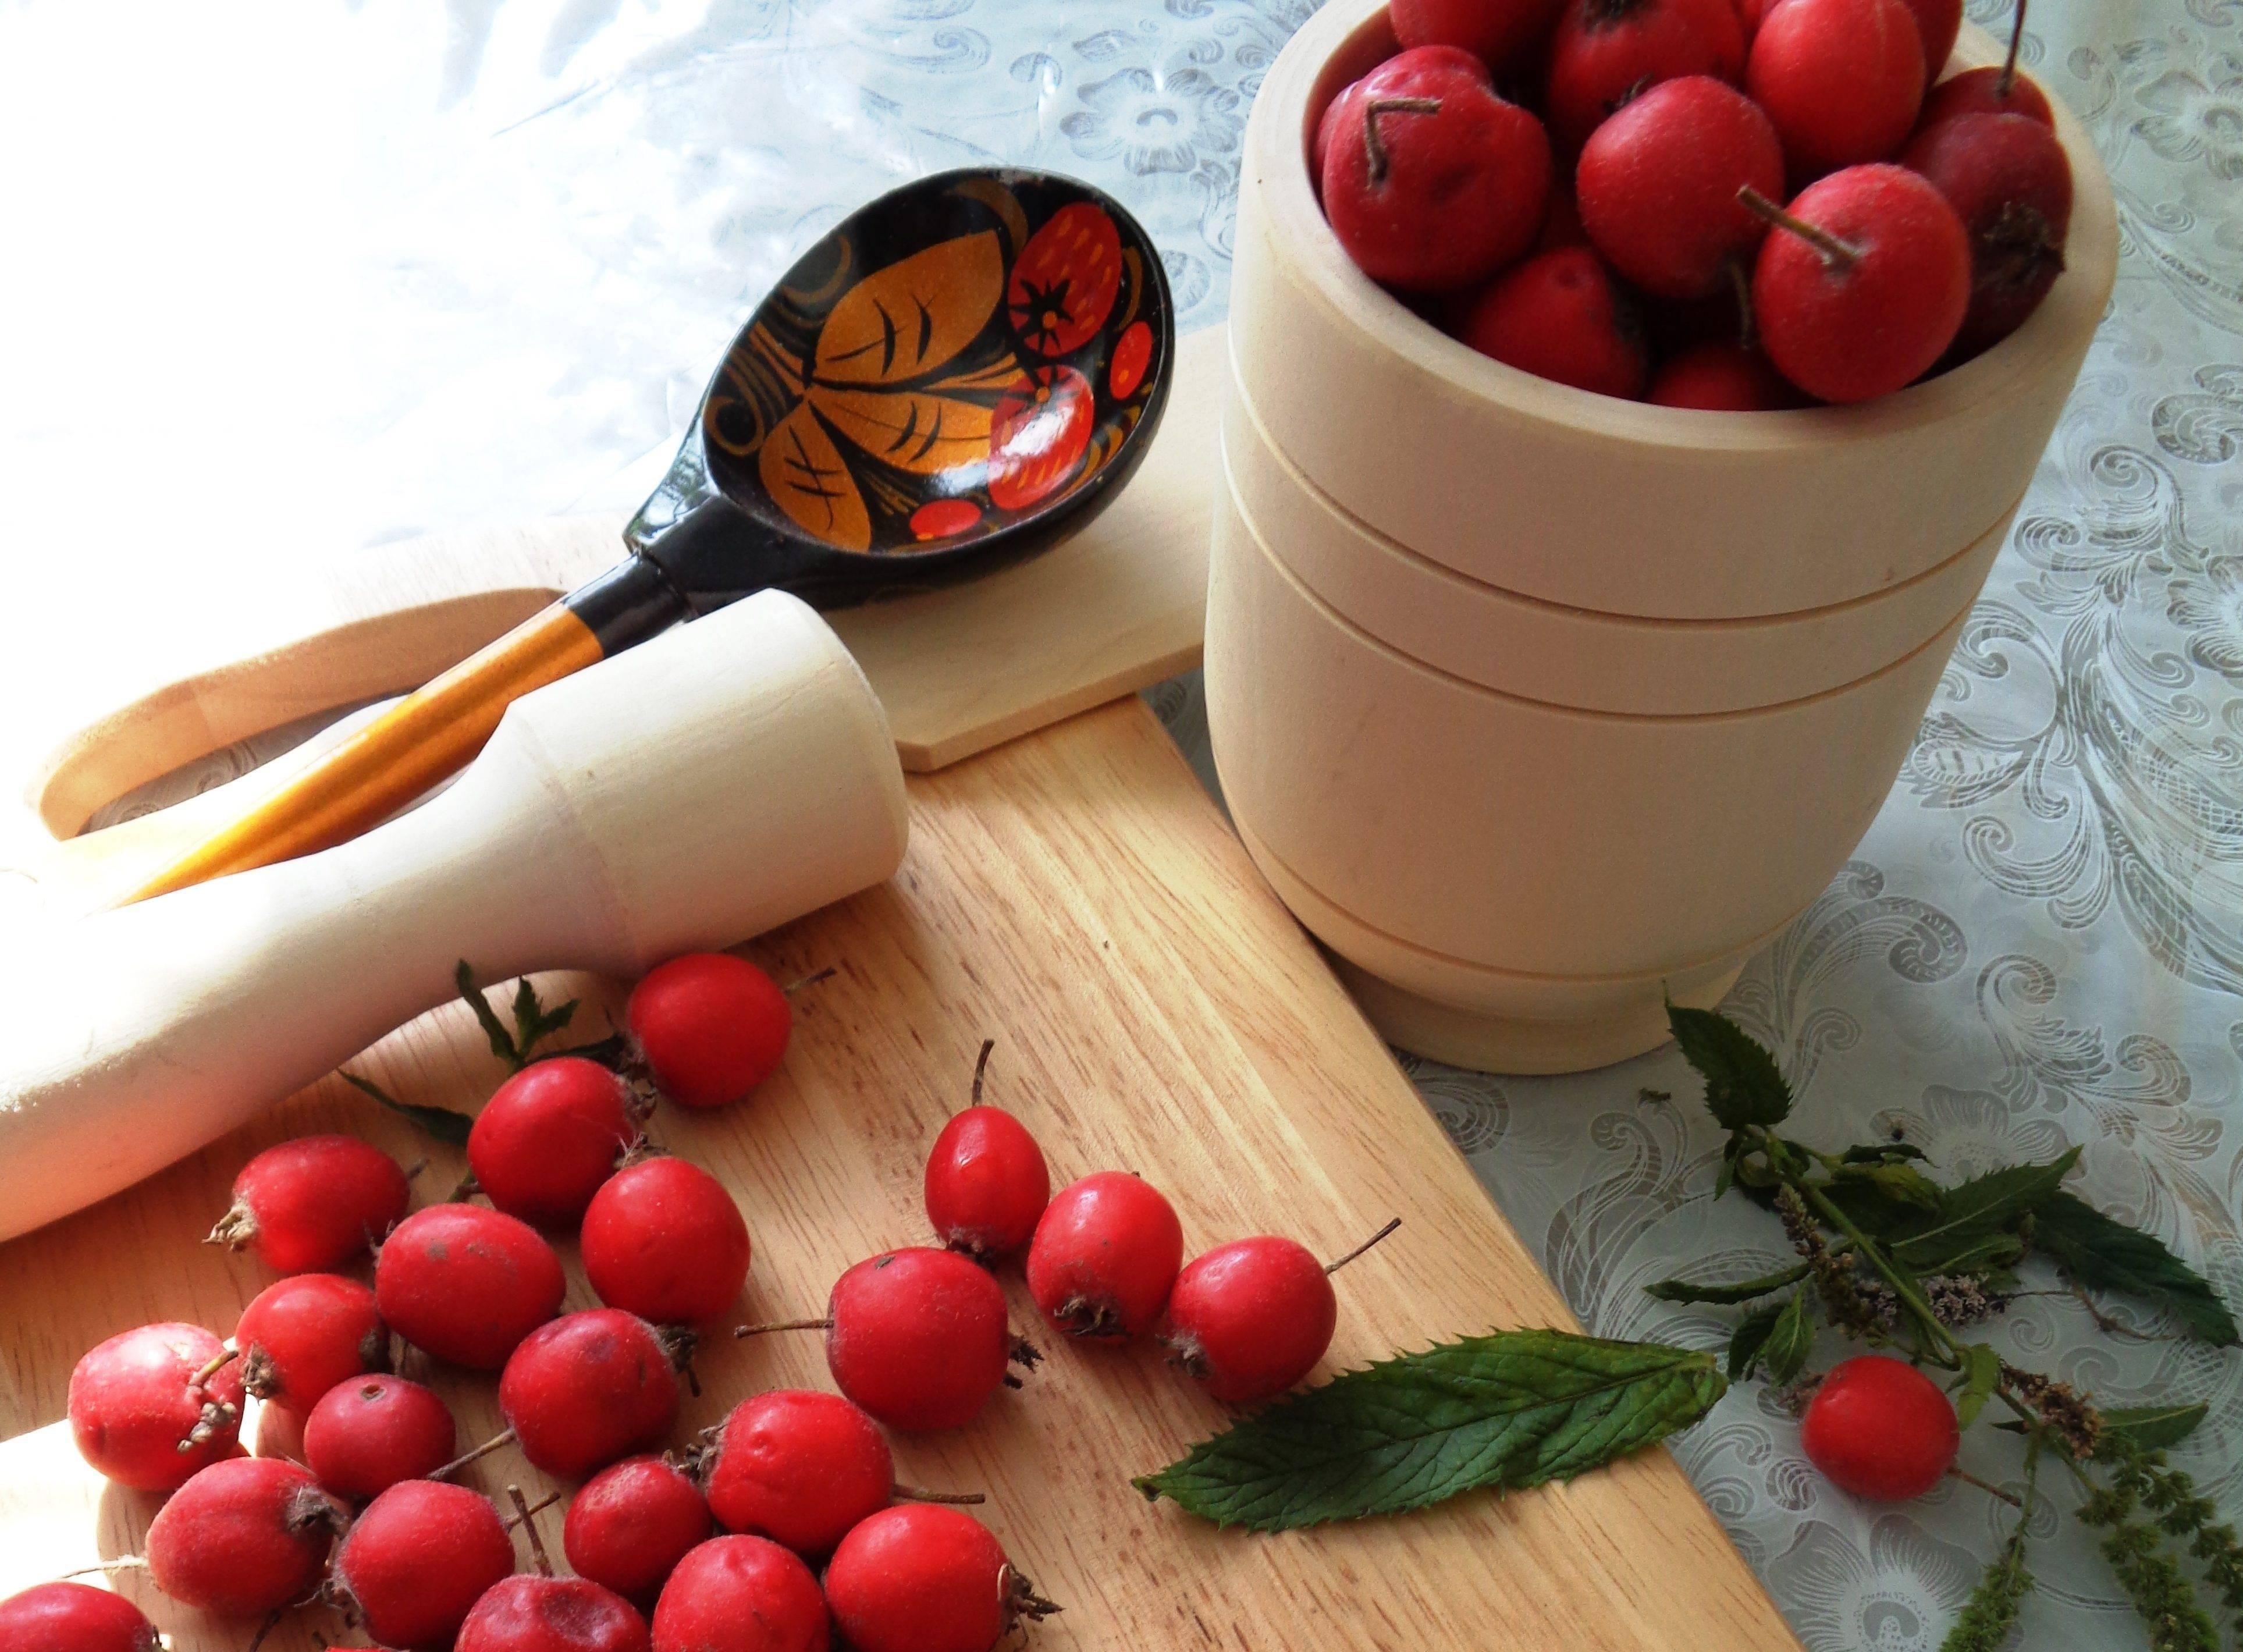 Чай из боярышника: польза и вред ягоды, полезные свойства и противопоказания, зеленый чай с плодами, есть ли в пакетиках и рецепт напитка